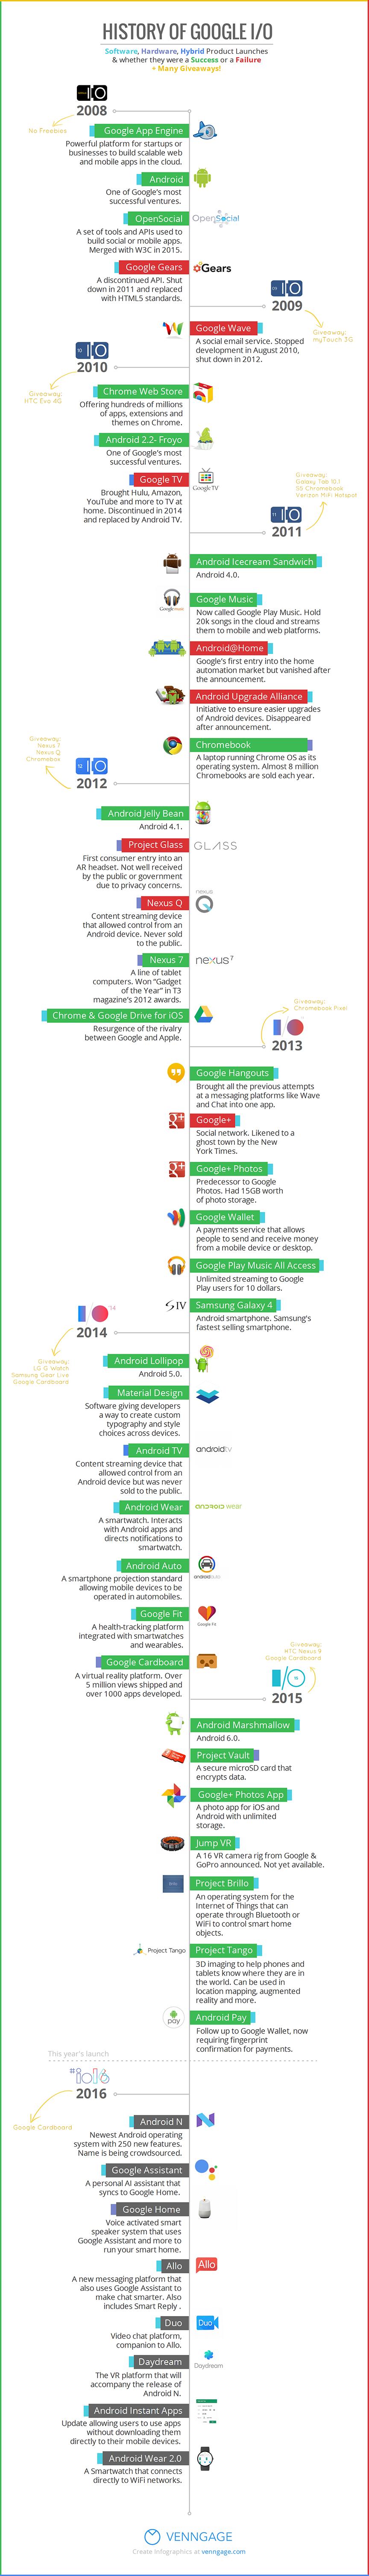 Historia de Google I/O #infografia #infographic